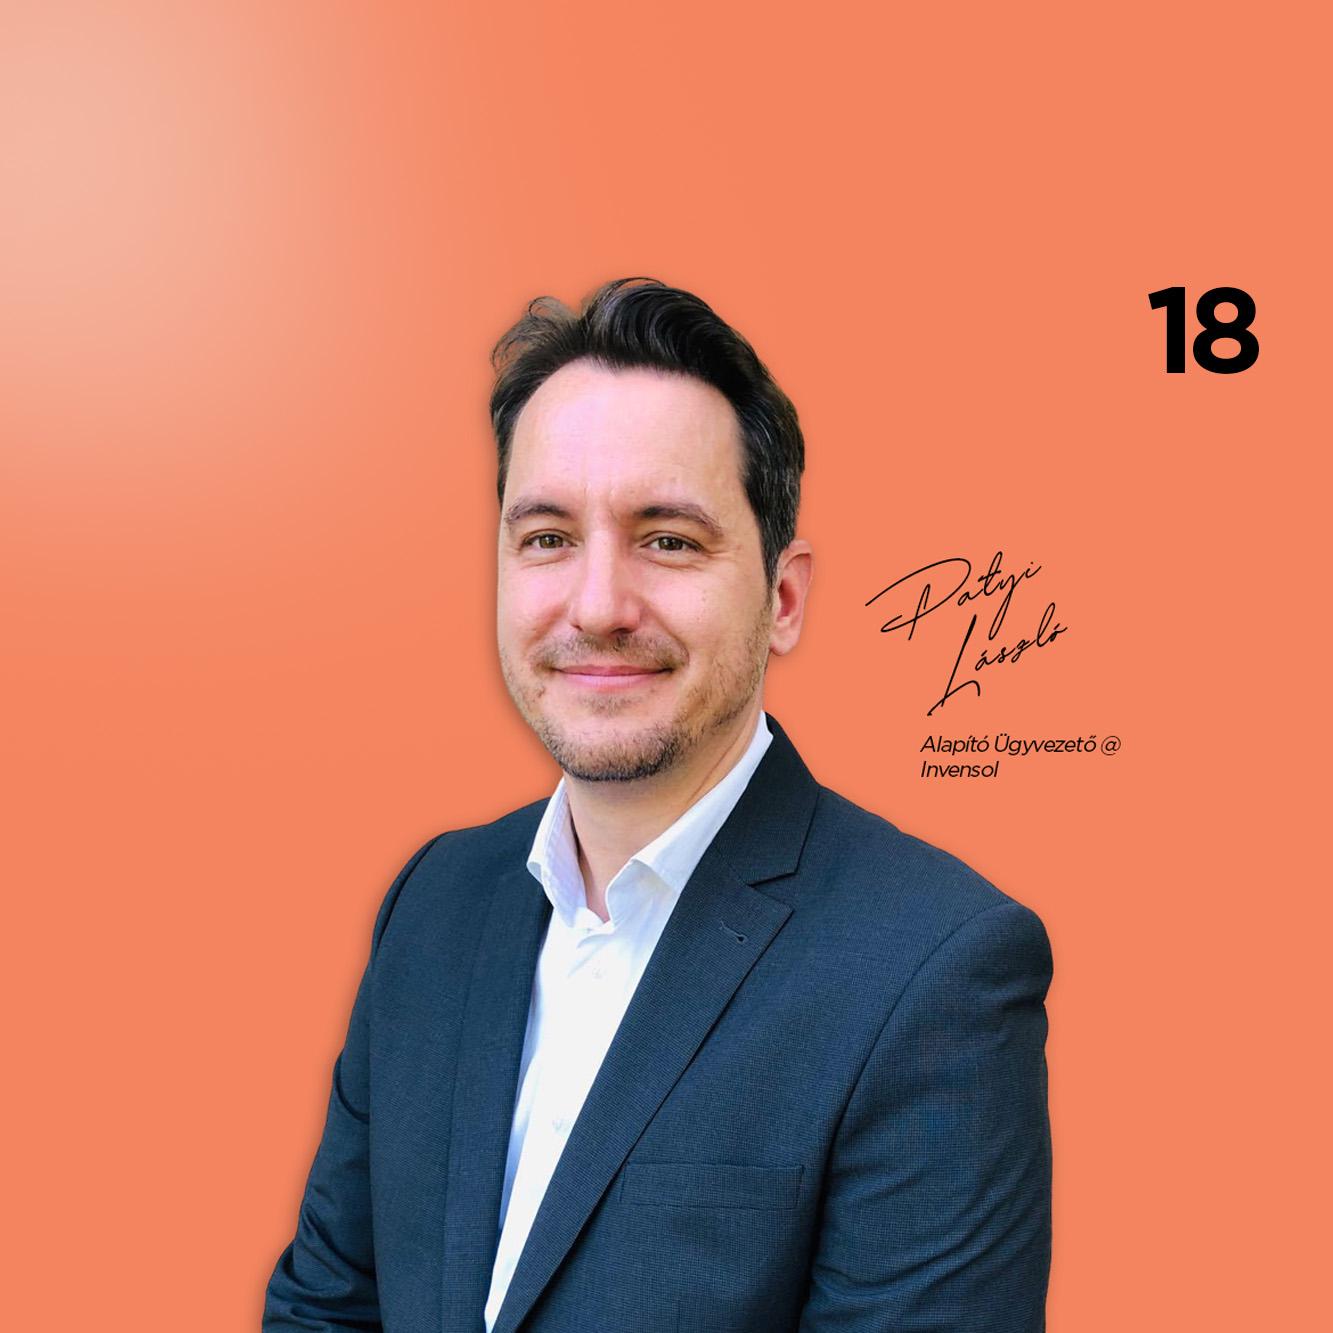 18. Irodai diskurzus – Mi lesz az irodáinkkal? – Patyi László